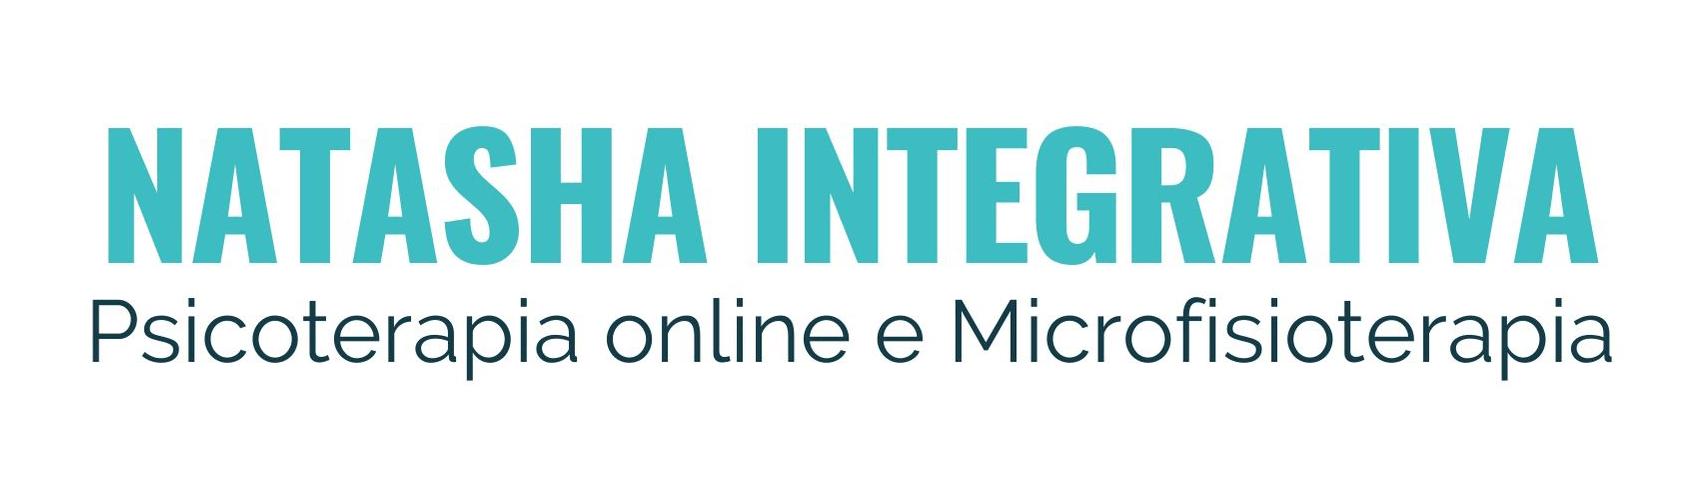 Natasha Integrativa